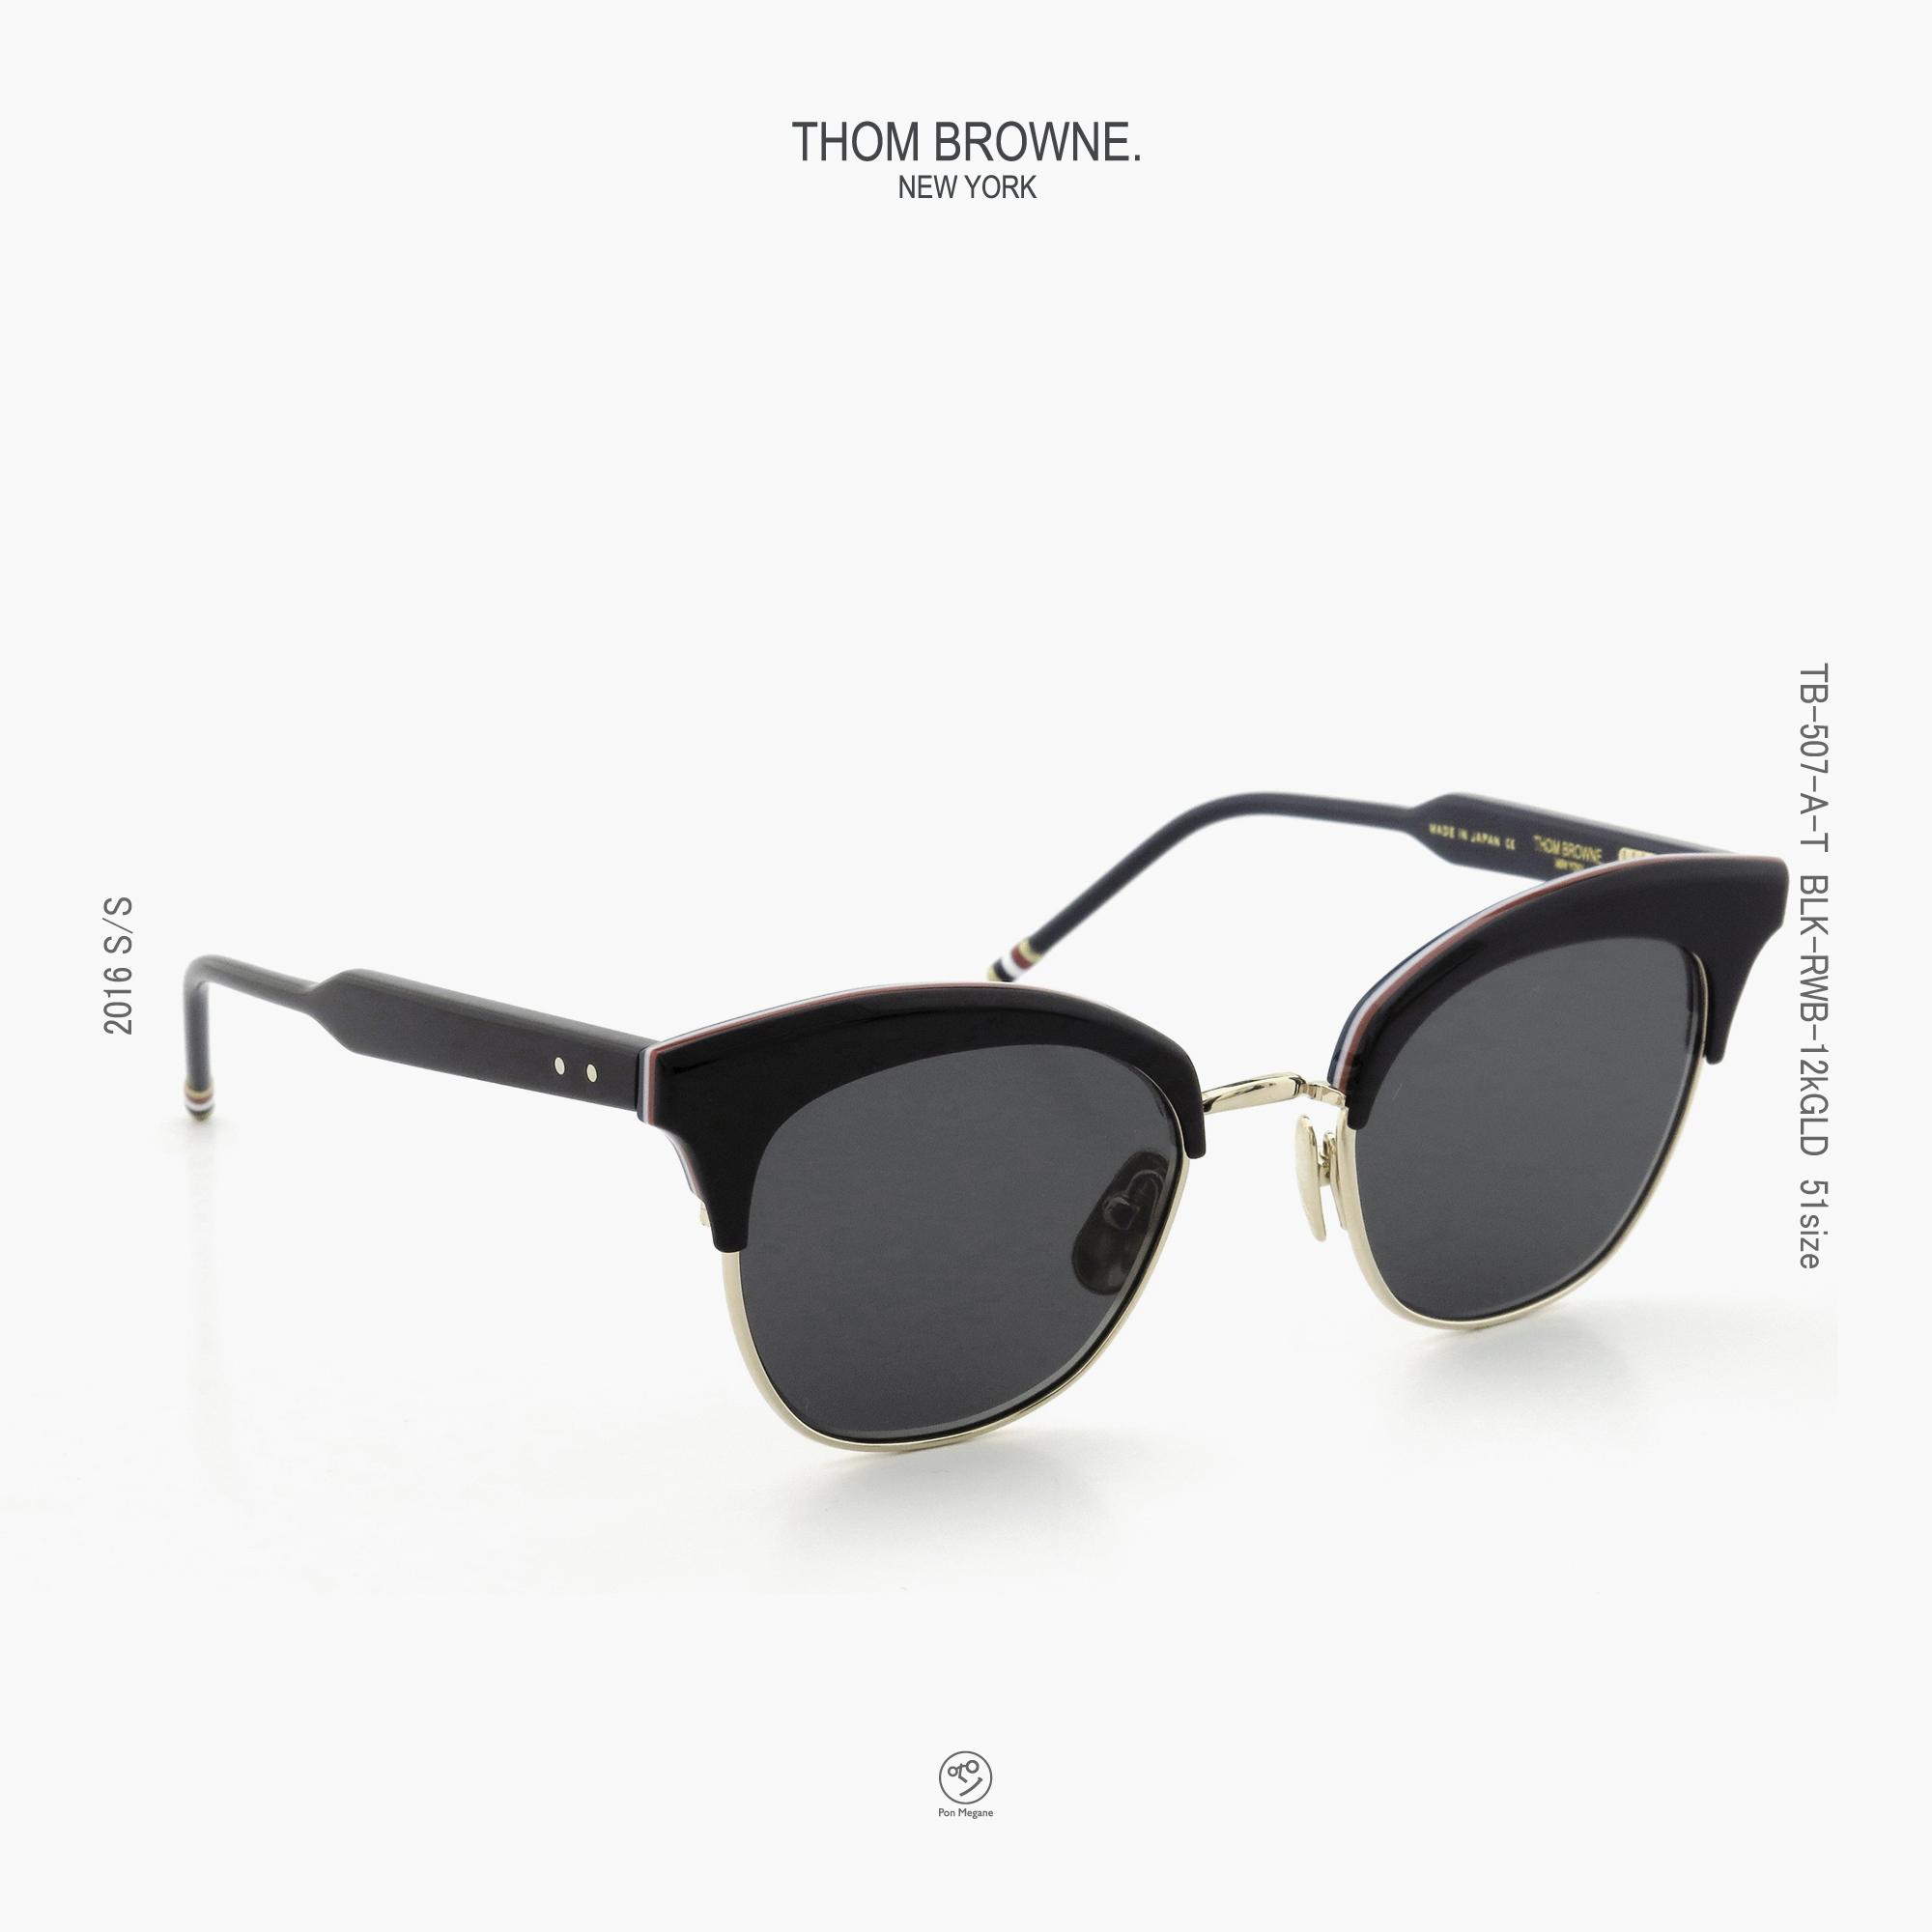 THOM-BROWNE_TB-507-A-T_BLK-RWB-12KGLD_51_DG_insta